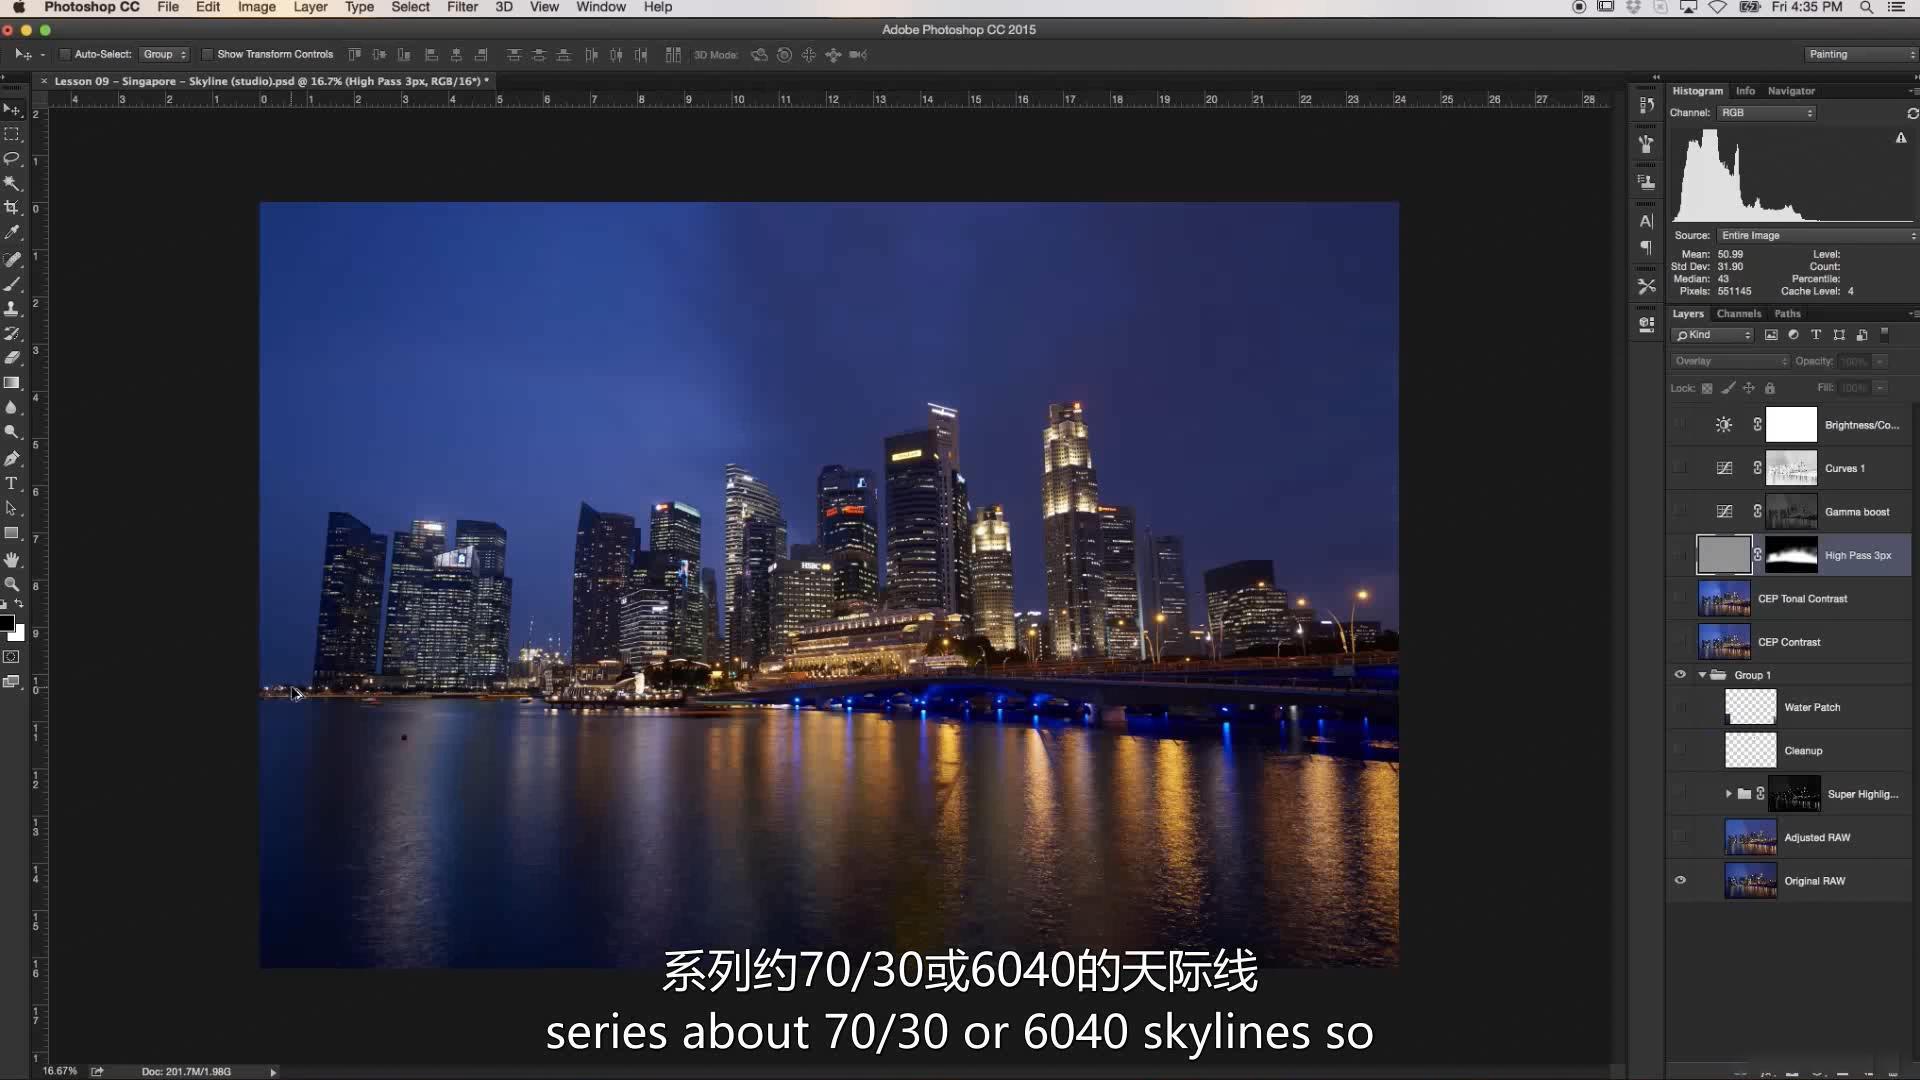 摄影教程_Fstoppers-Elia Locardi世界城市景观星轨风光摄影及后期-中英字幕 摄影教程 _预览图28